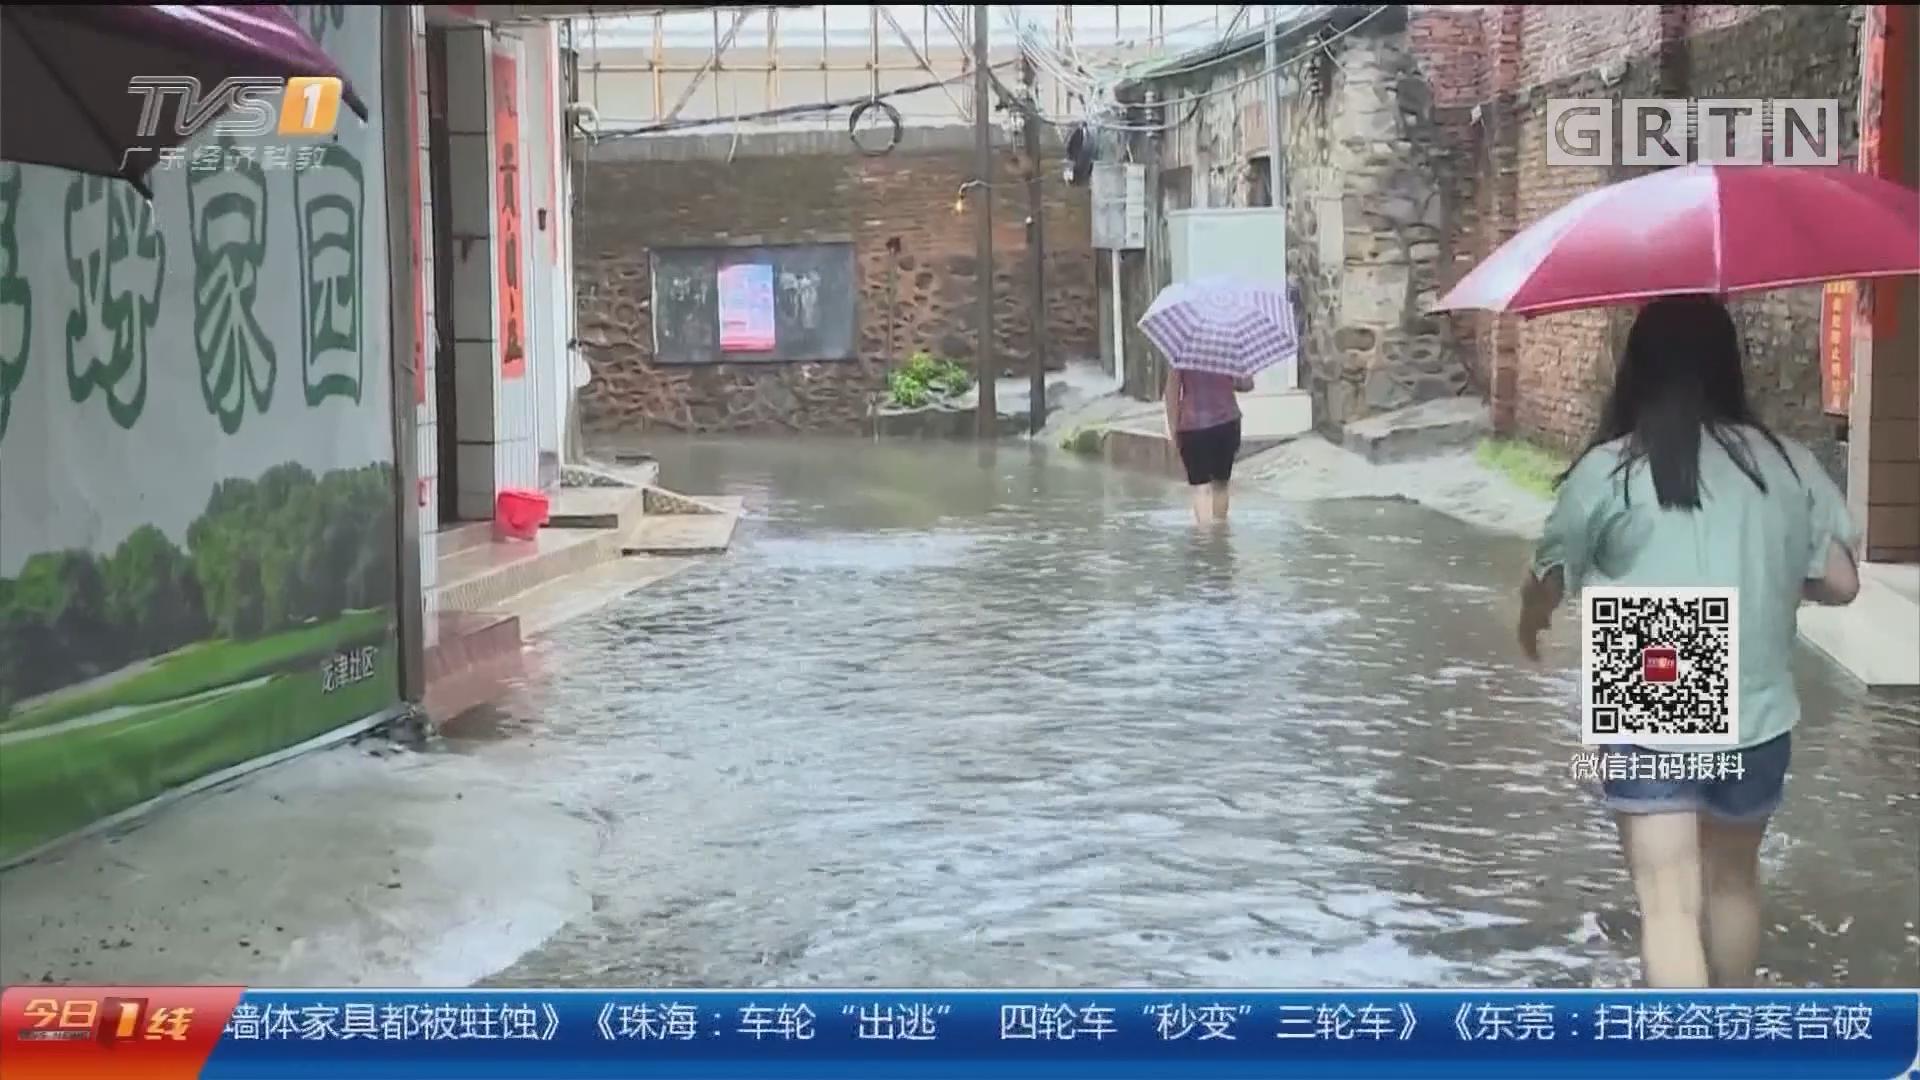 阳江:暴雨引发水浸 十多户居民受浸